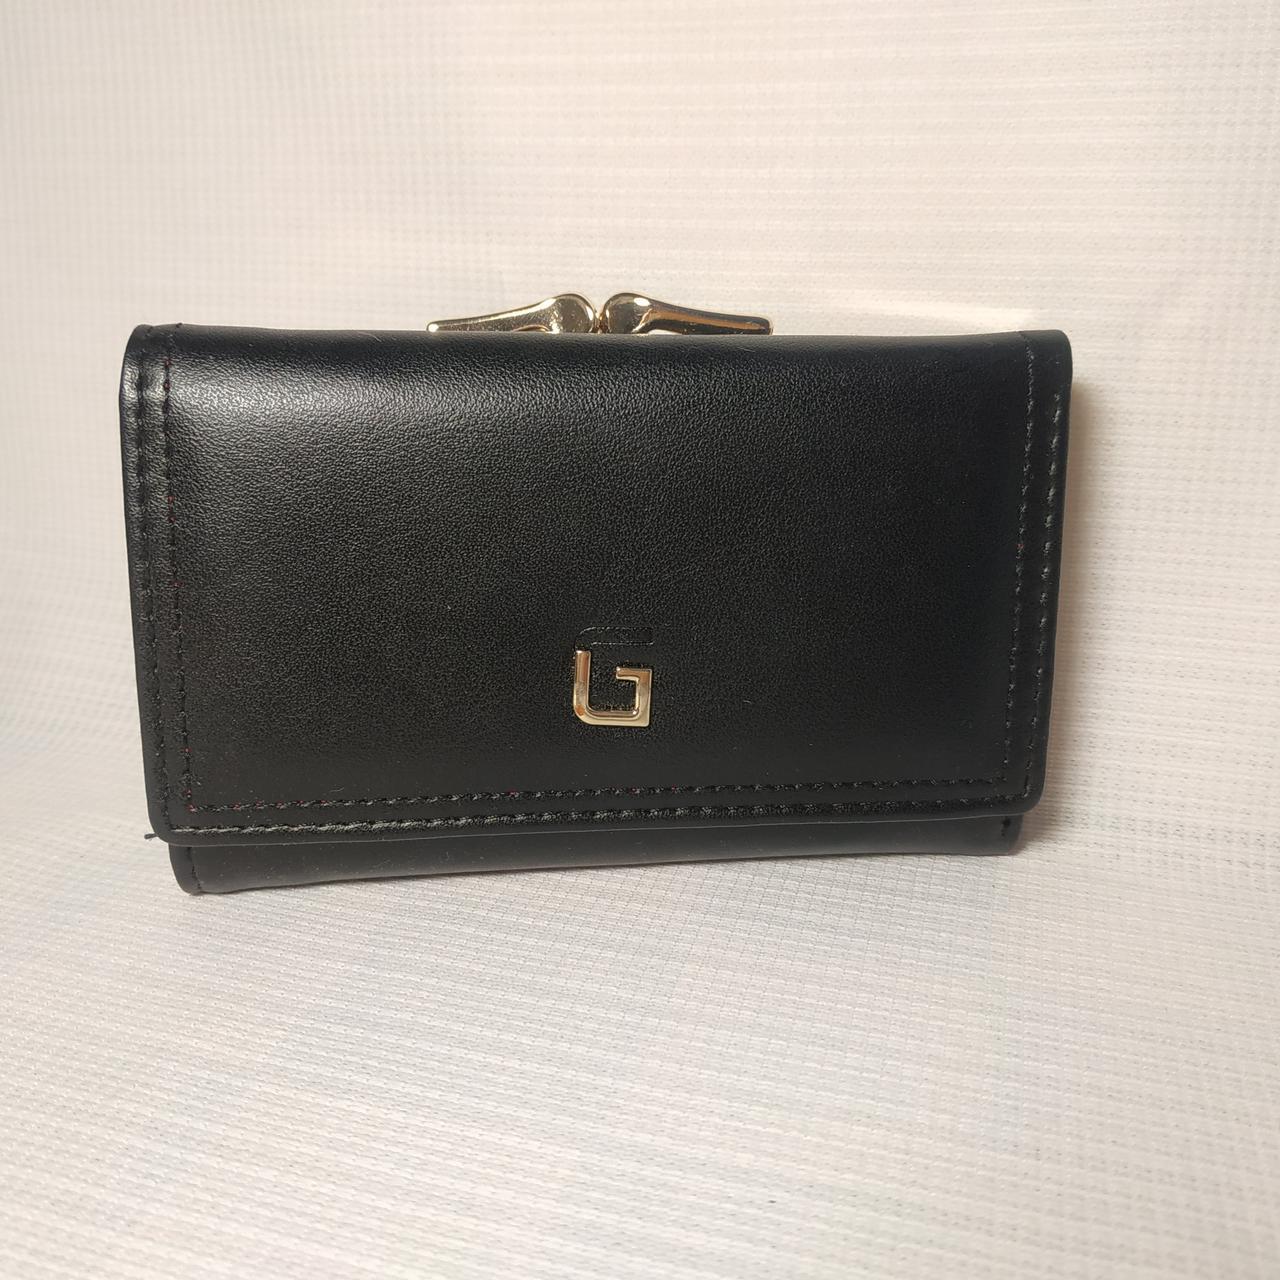 Небольшой классический женский кошелек портмоне из качественной PU кожи C7684-004